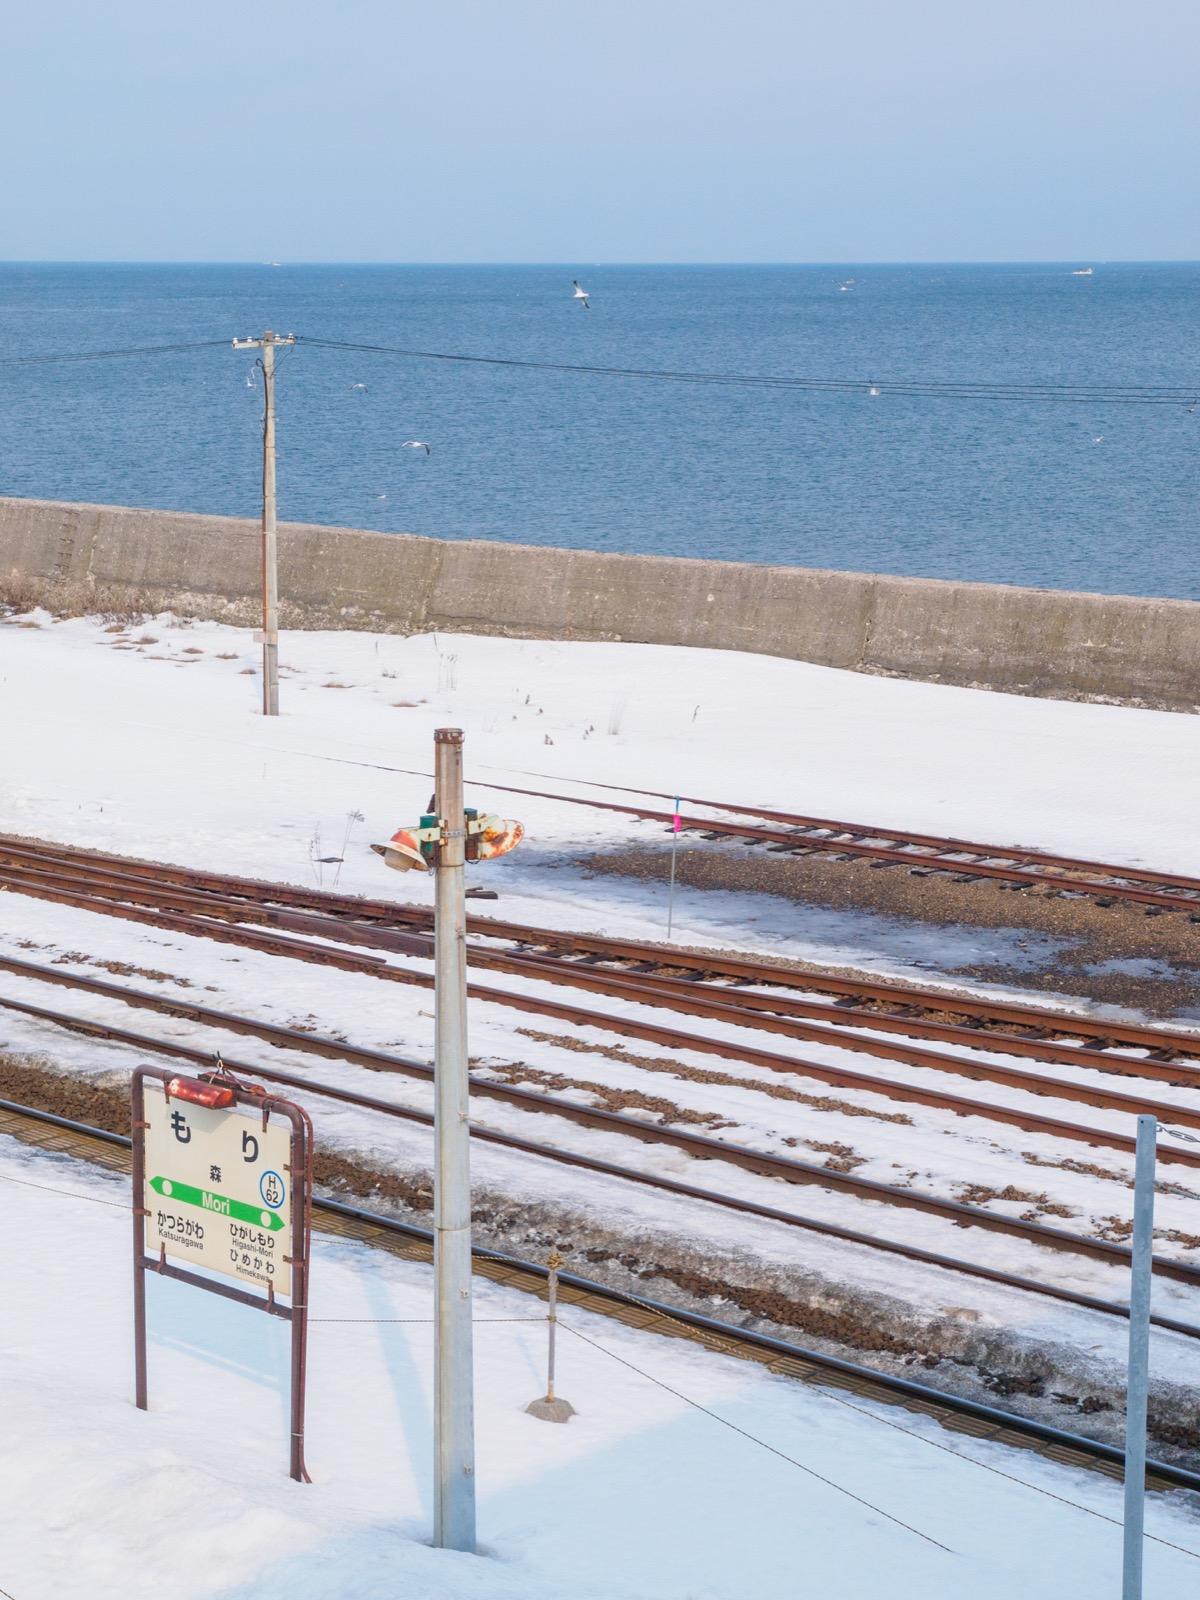 森駅の跨線橋から見た噴火湾(内浦湾)